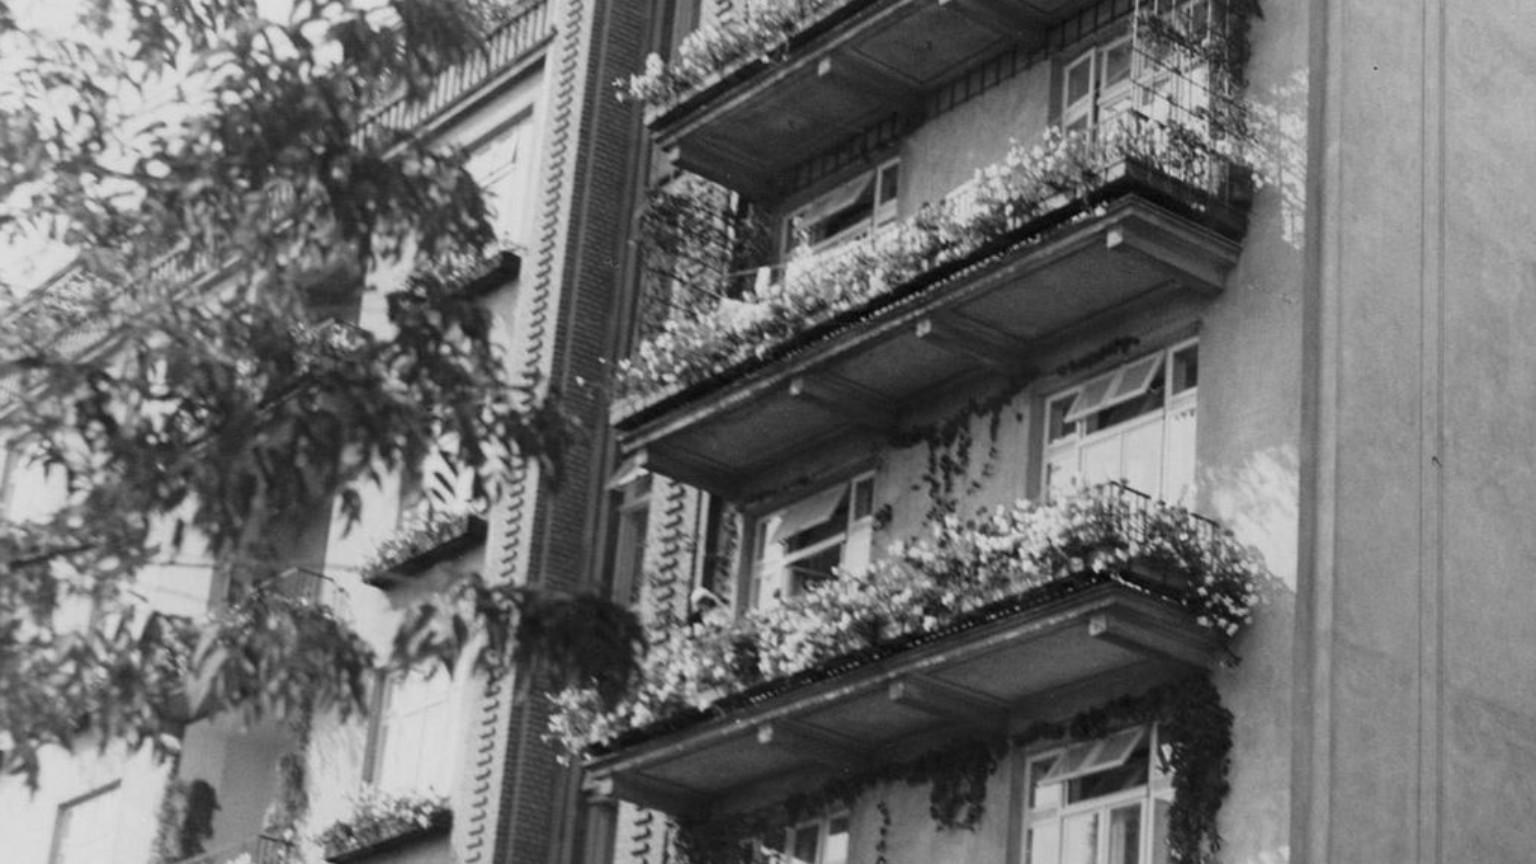 Zdjęcie dla kartki: Ukwiecajcie Wasze okna i balkony!